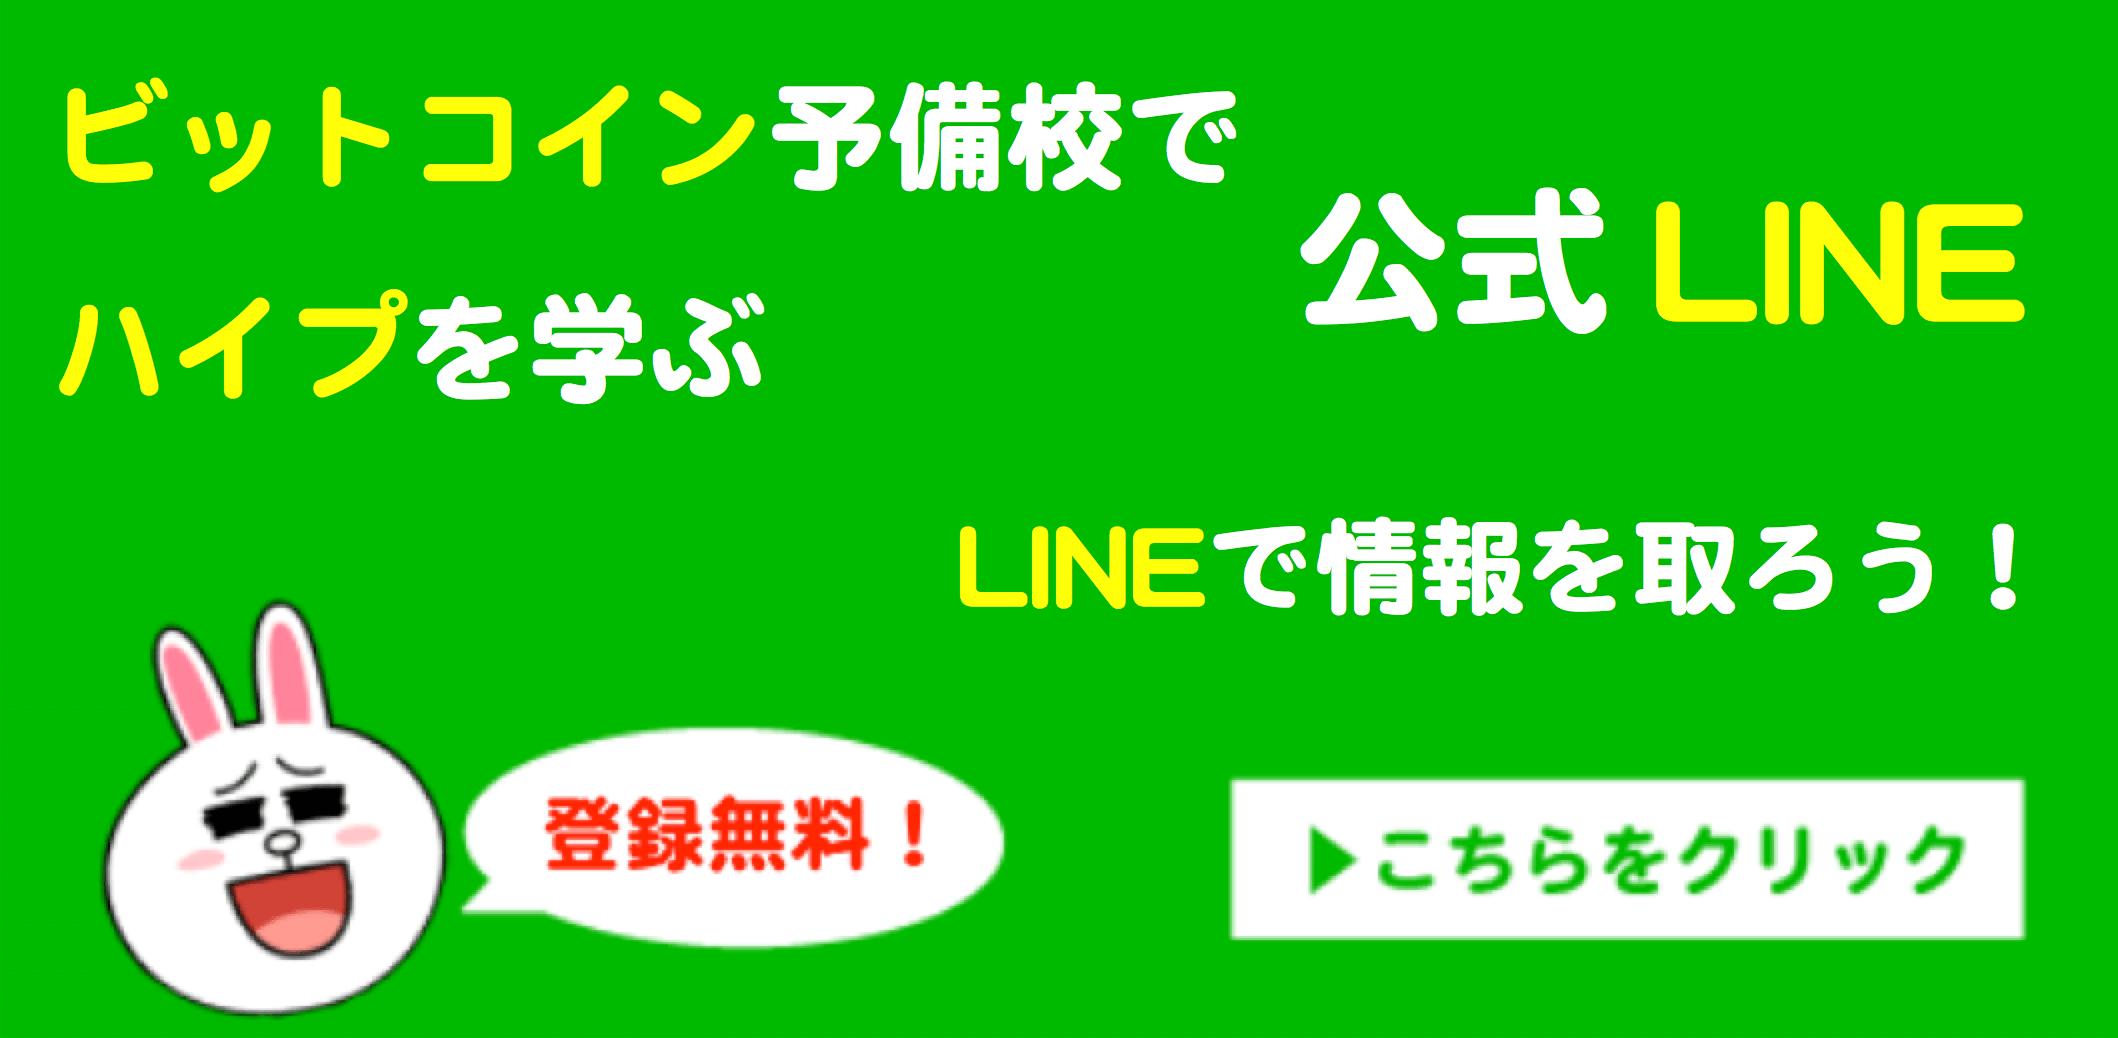 公式LINE@仮想通貨など投資仲間募集中!